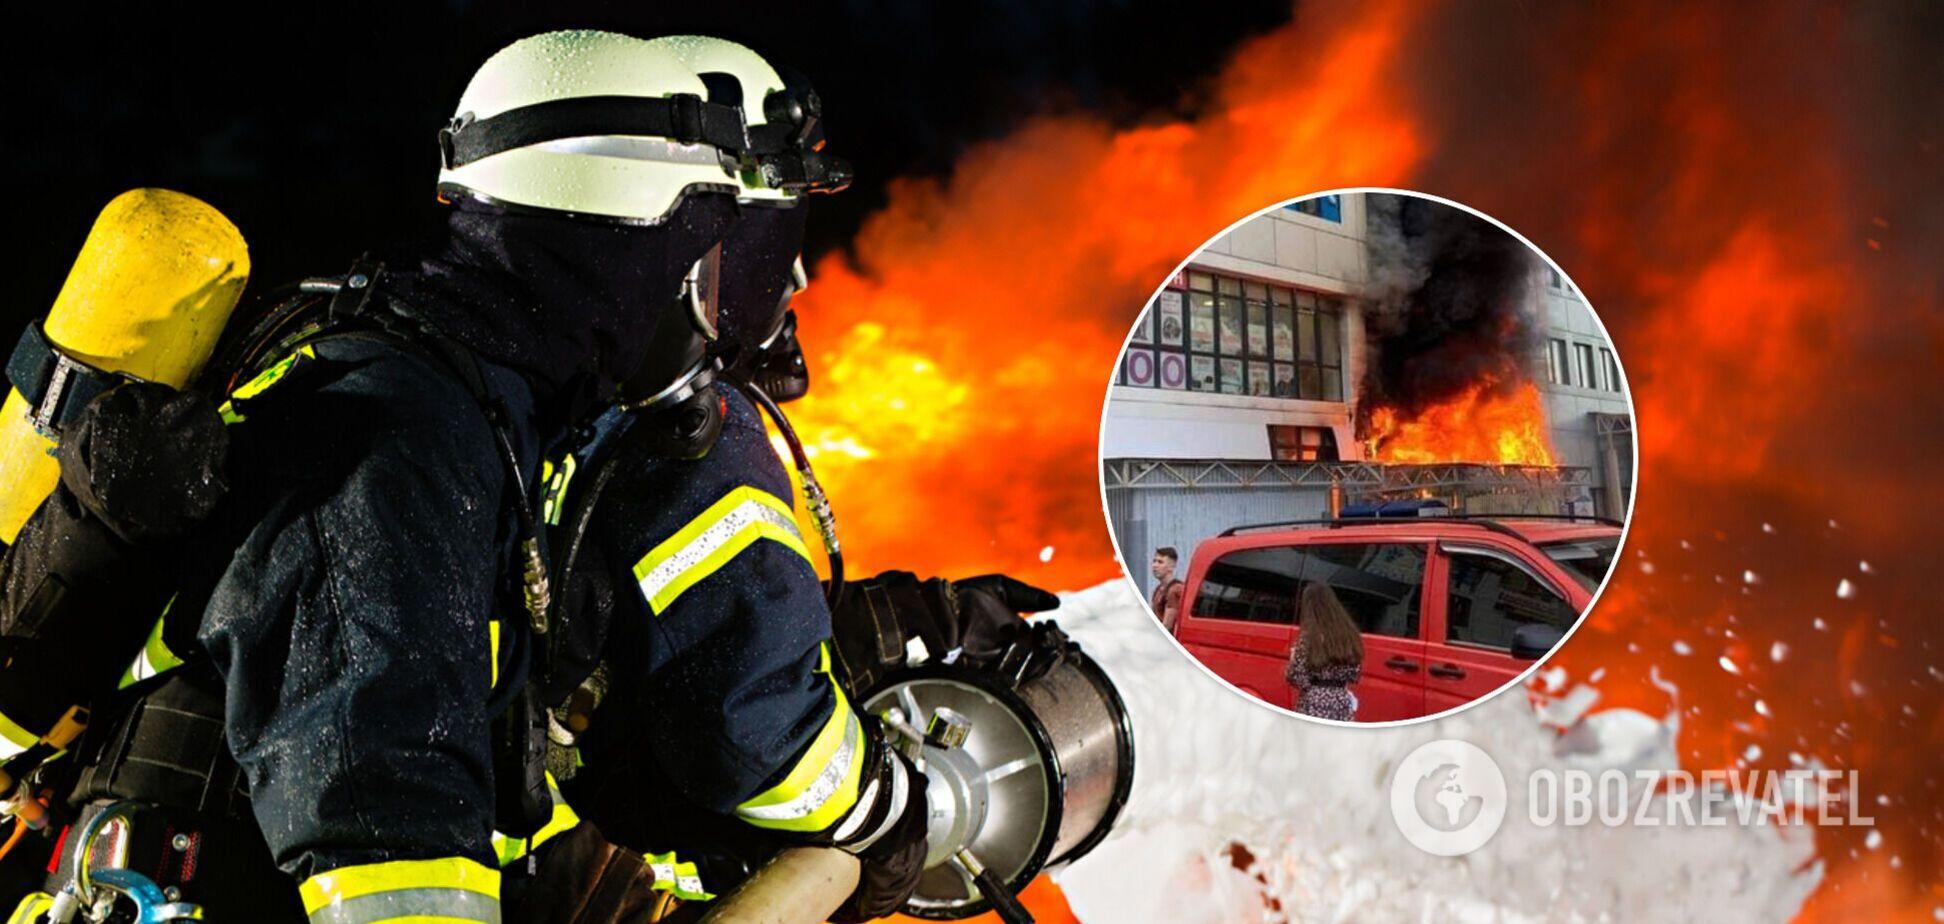 У київському супермаркеті спалахнула пожежа: чорний дим вкрив багатоповерхівку. Фото та відео НП